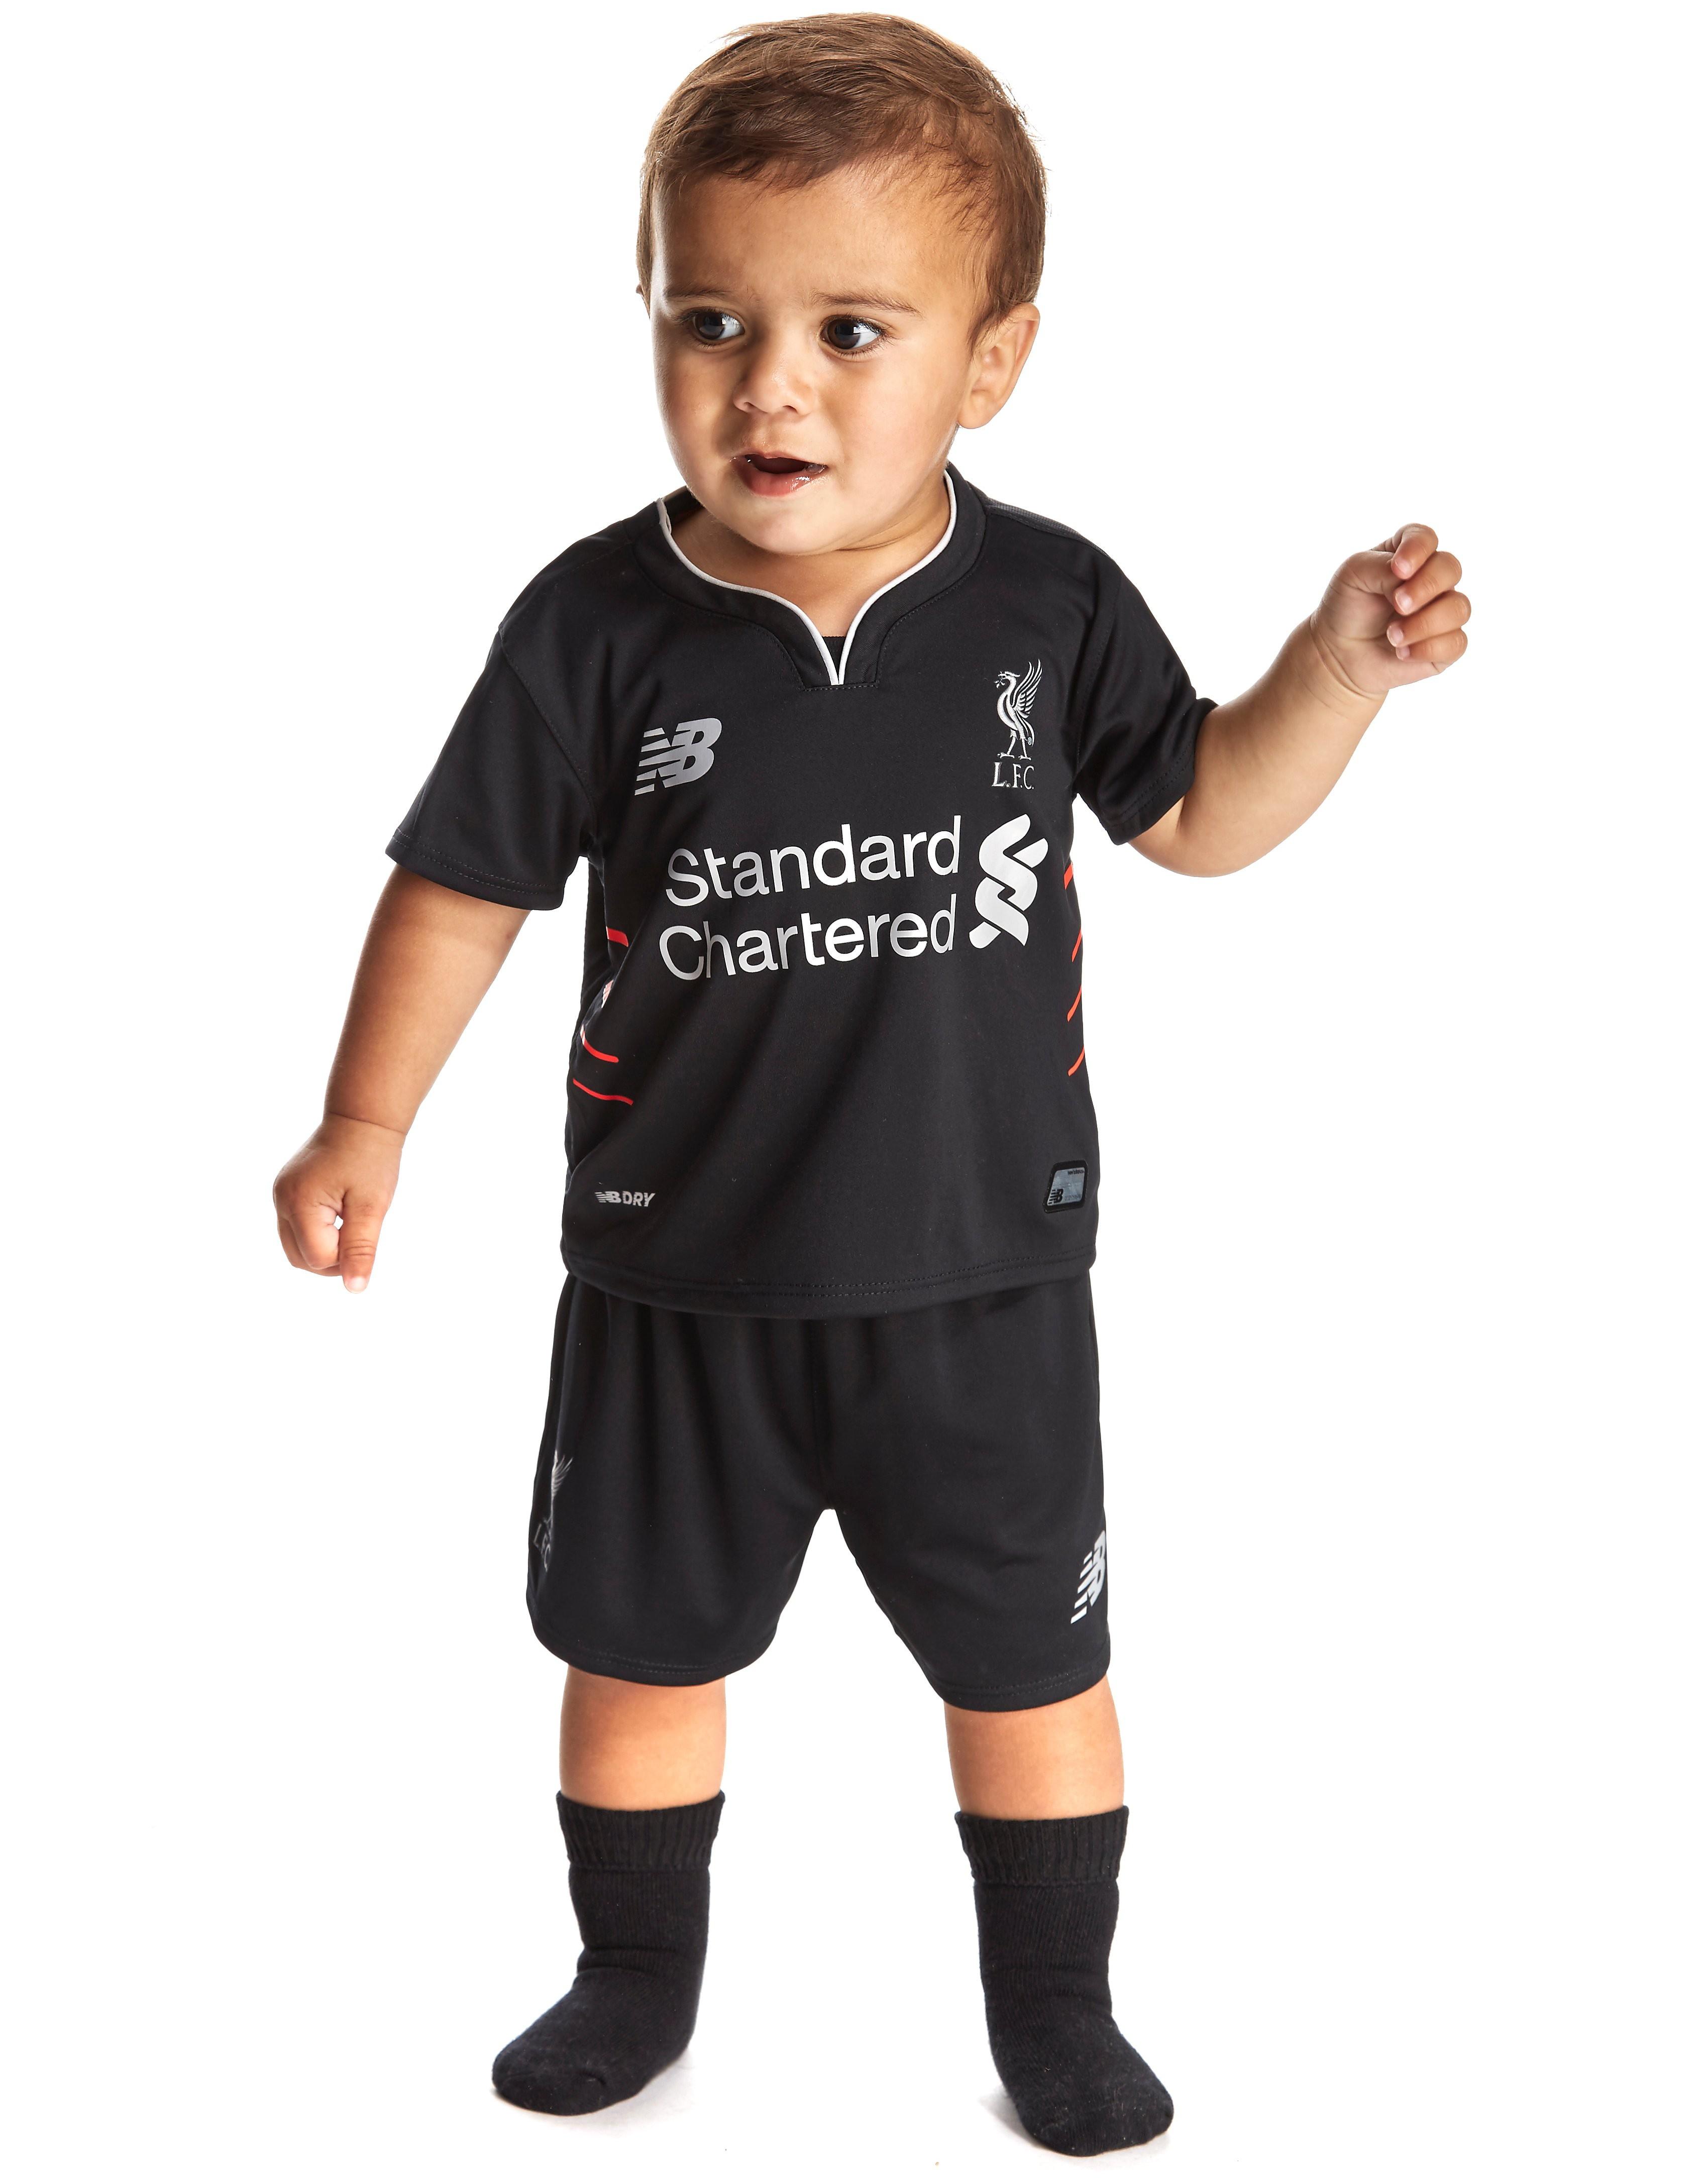 New Balance Ensemble extérieur pour bébé Liverpool FC 2016/17